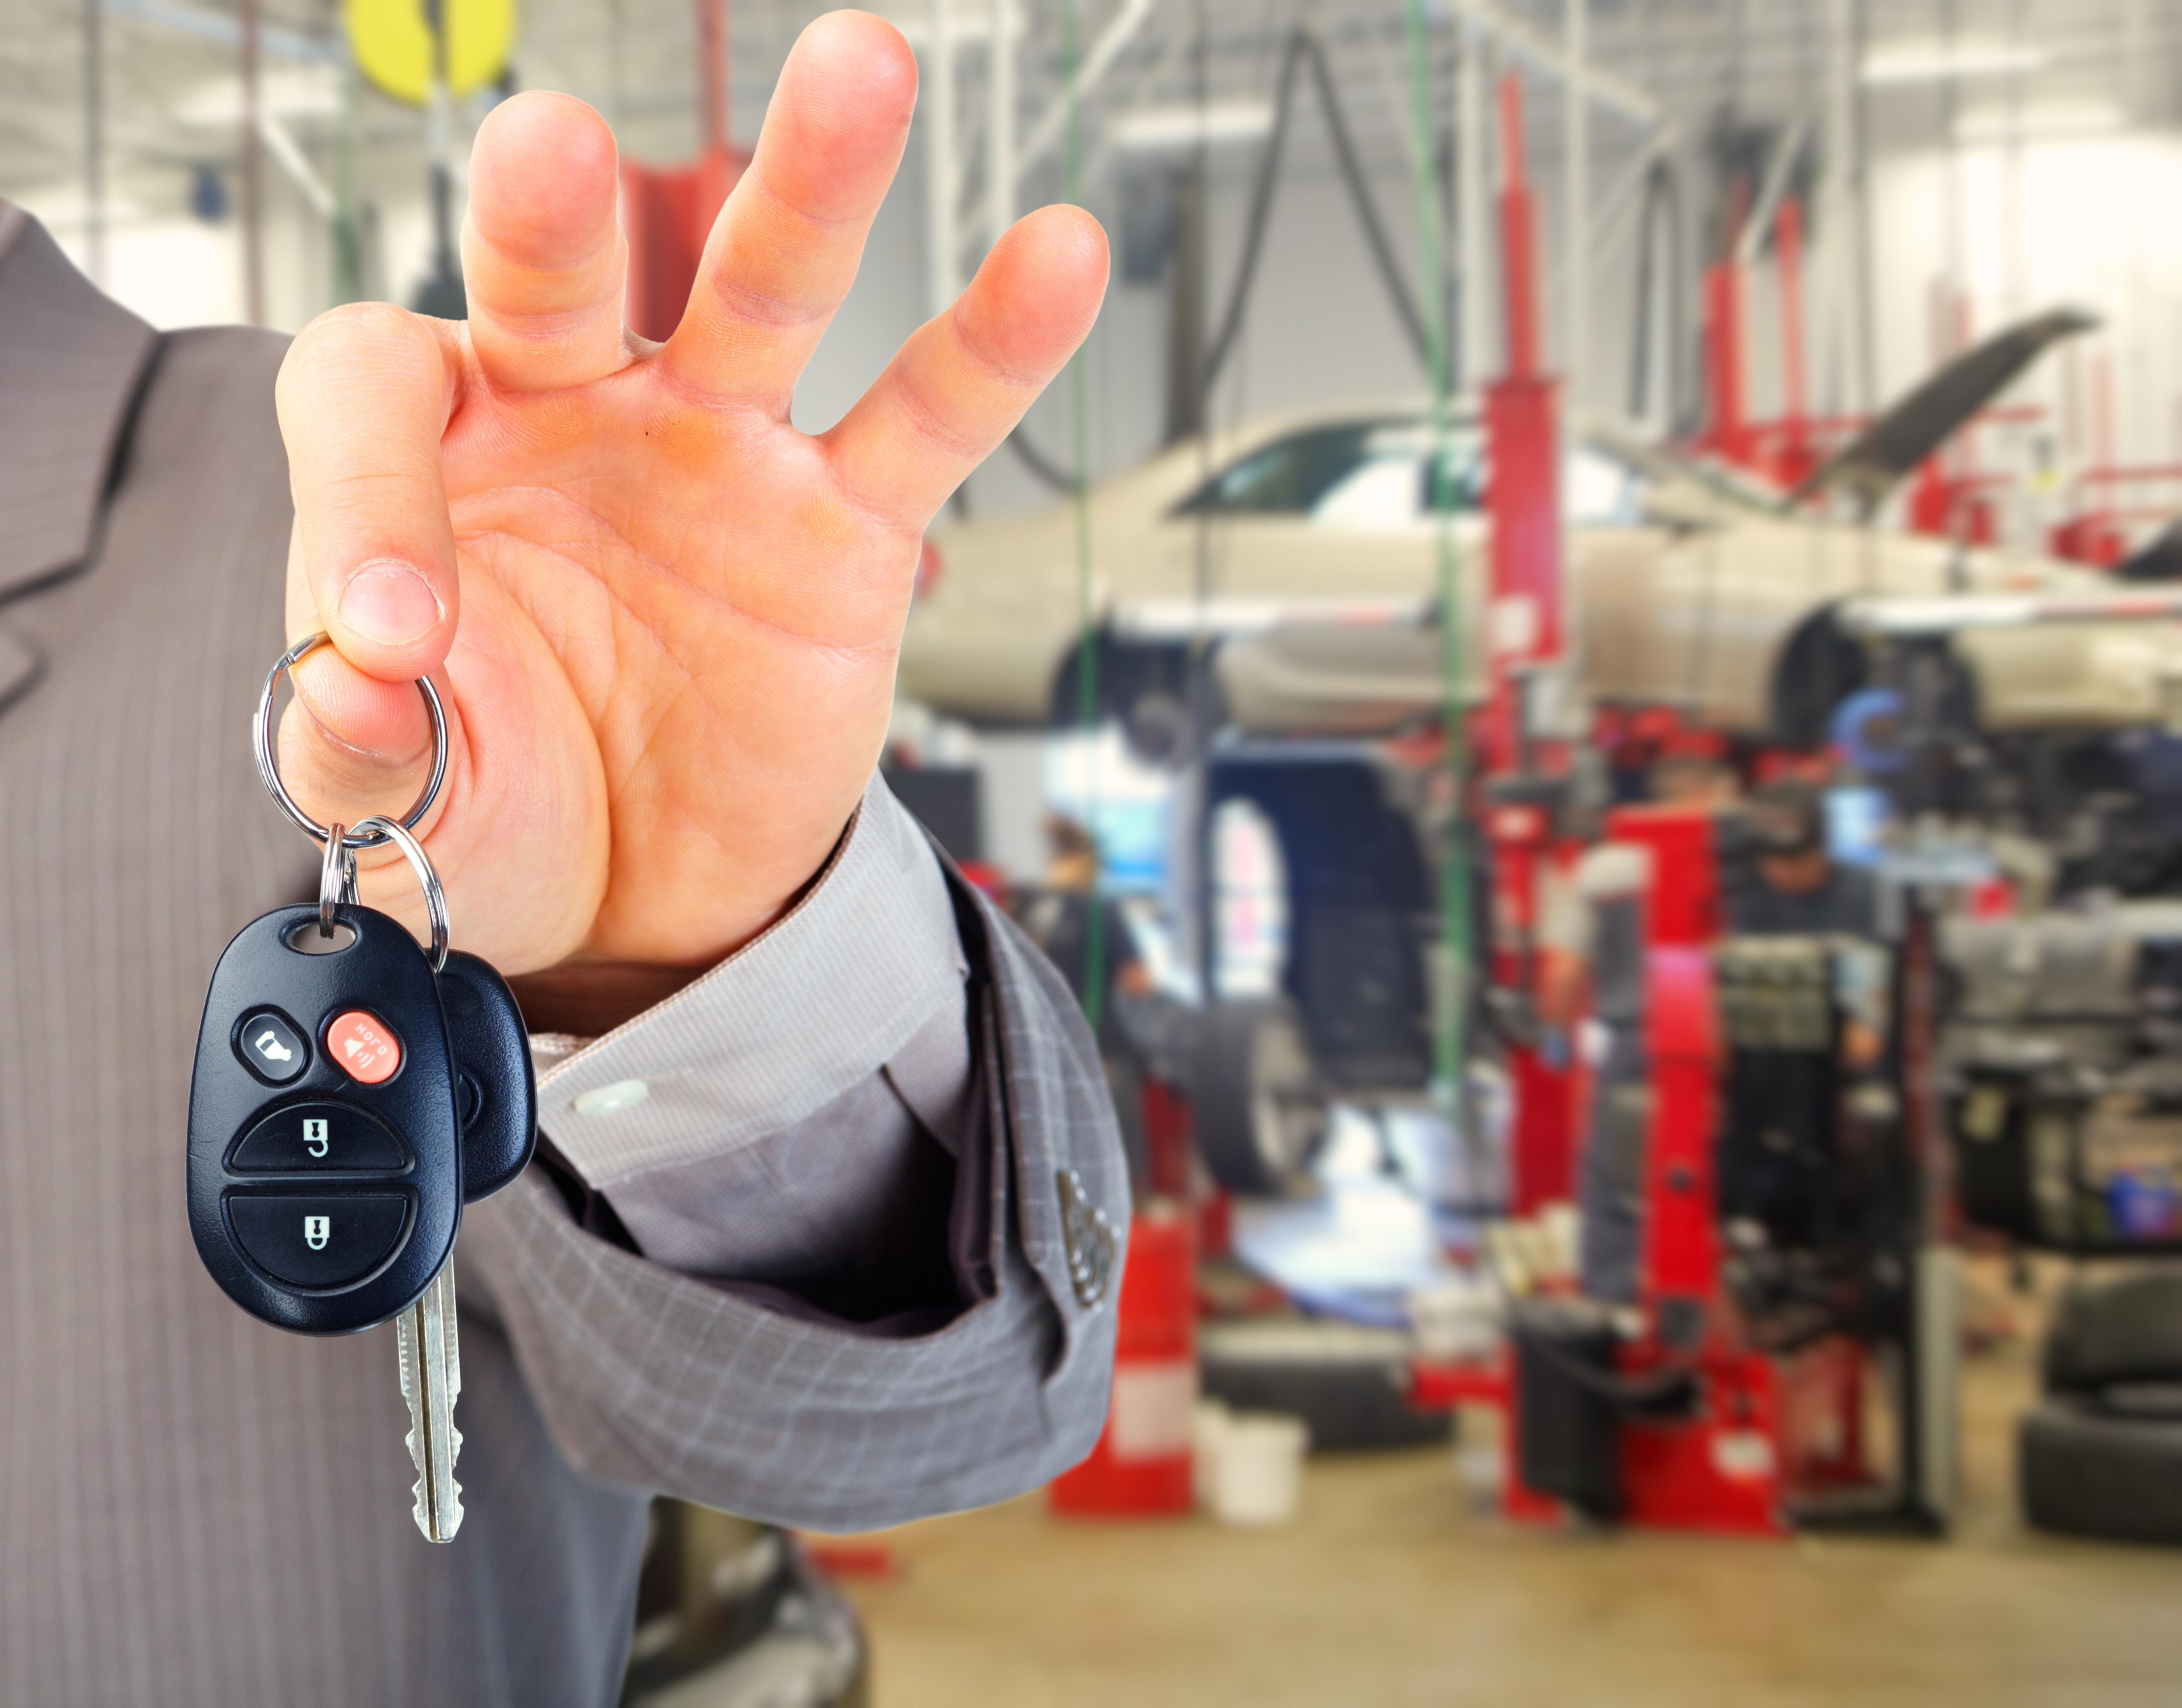 Leren van experts en vakgenoten met grip op je autobedrijf amt